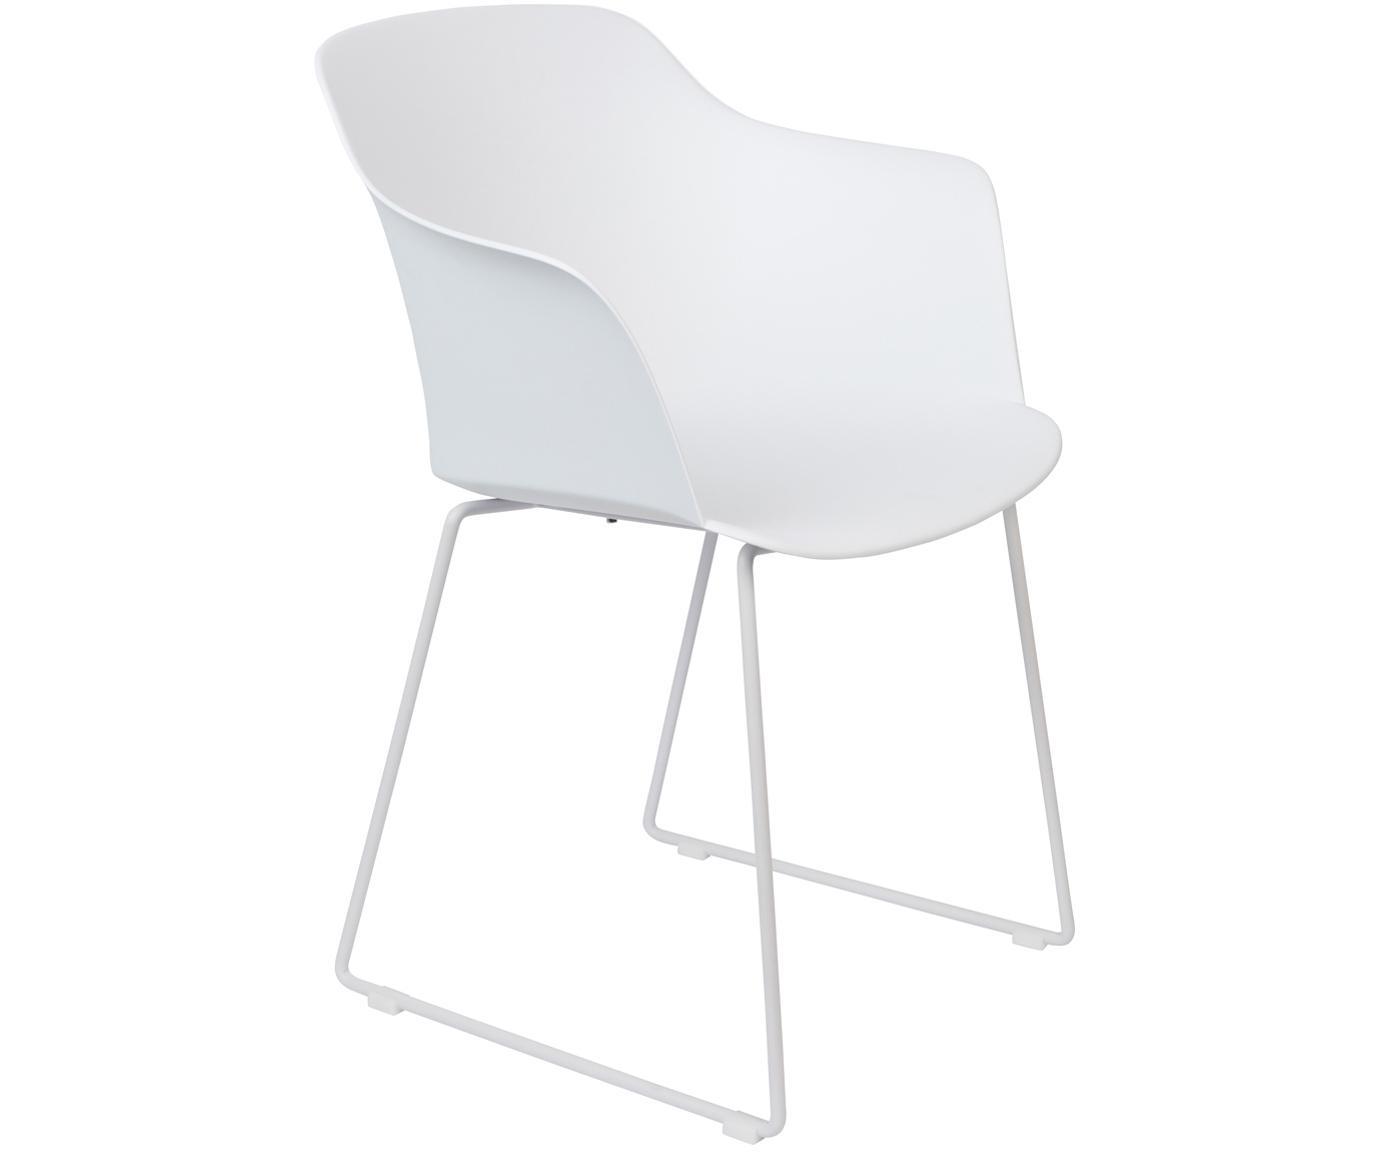 Kunststoff-Armlehnstühle Tango, 2 Stück, Sitzschale: Polypropylen, Beine: Metall, pulverbeschichtet, Weiß, B 58 x T 54 cm